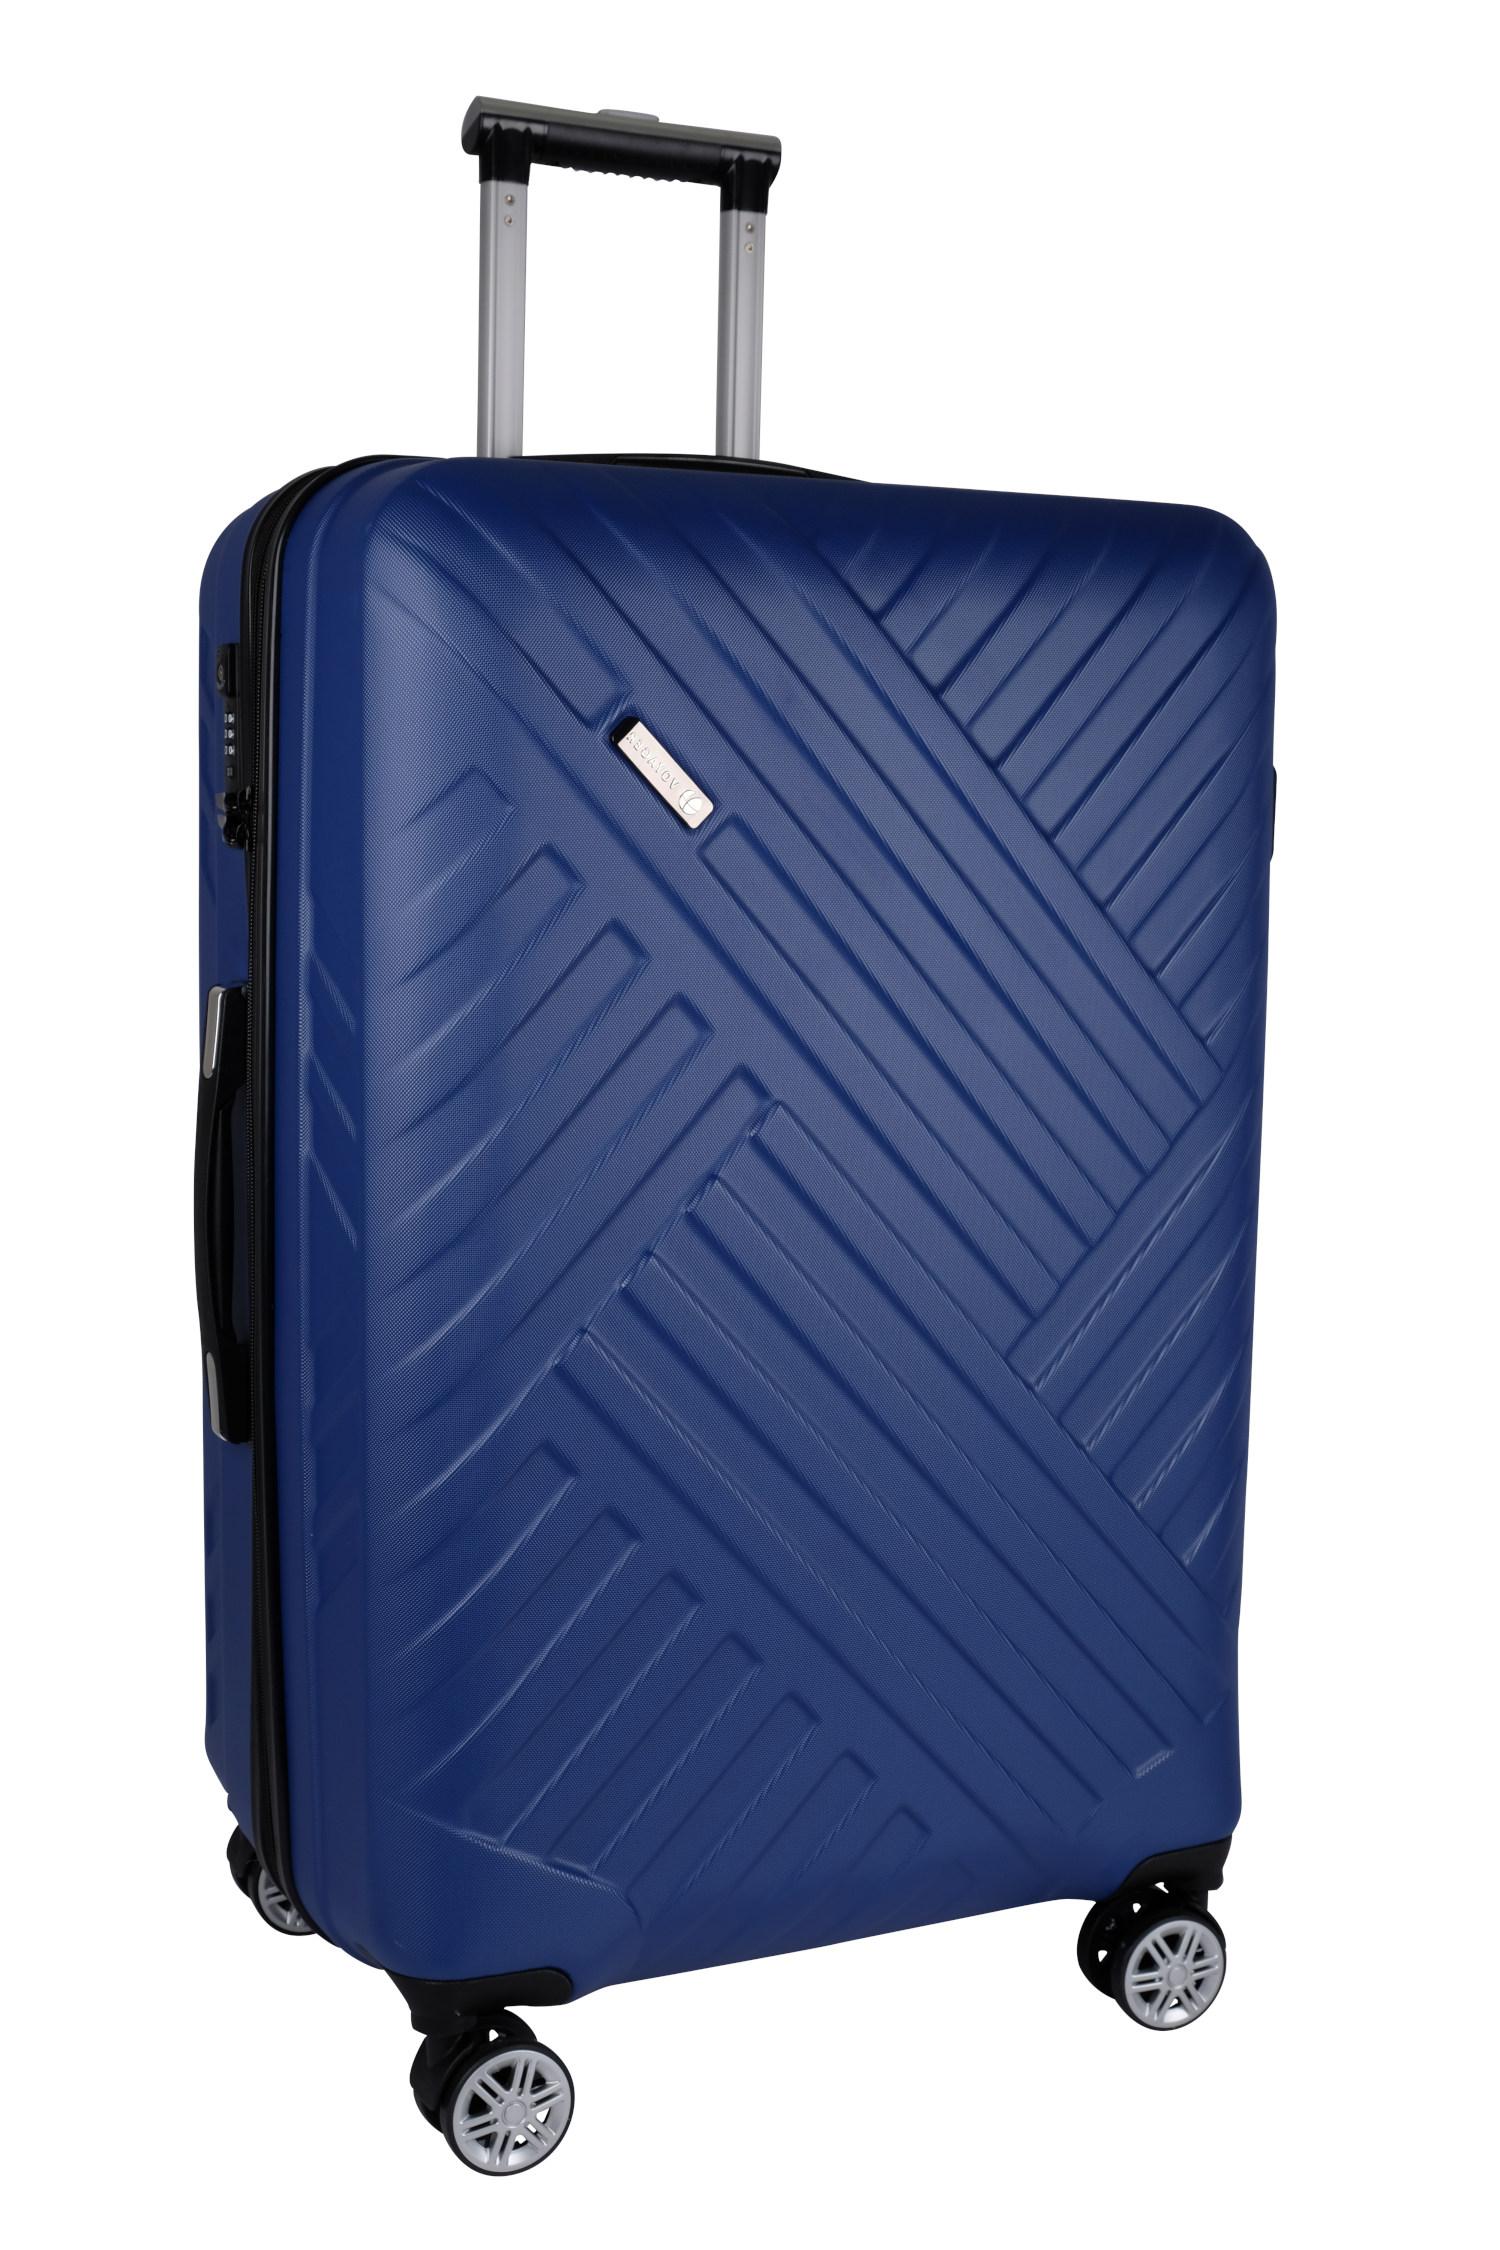 Luggage -